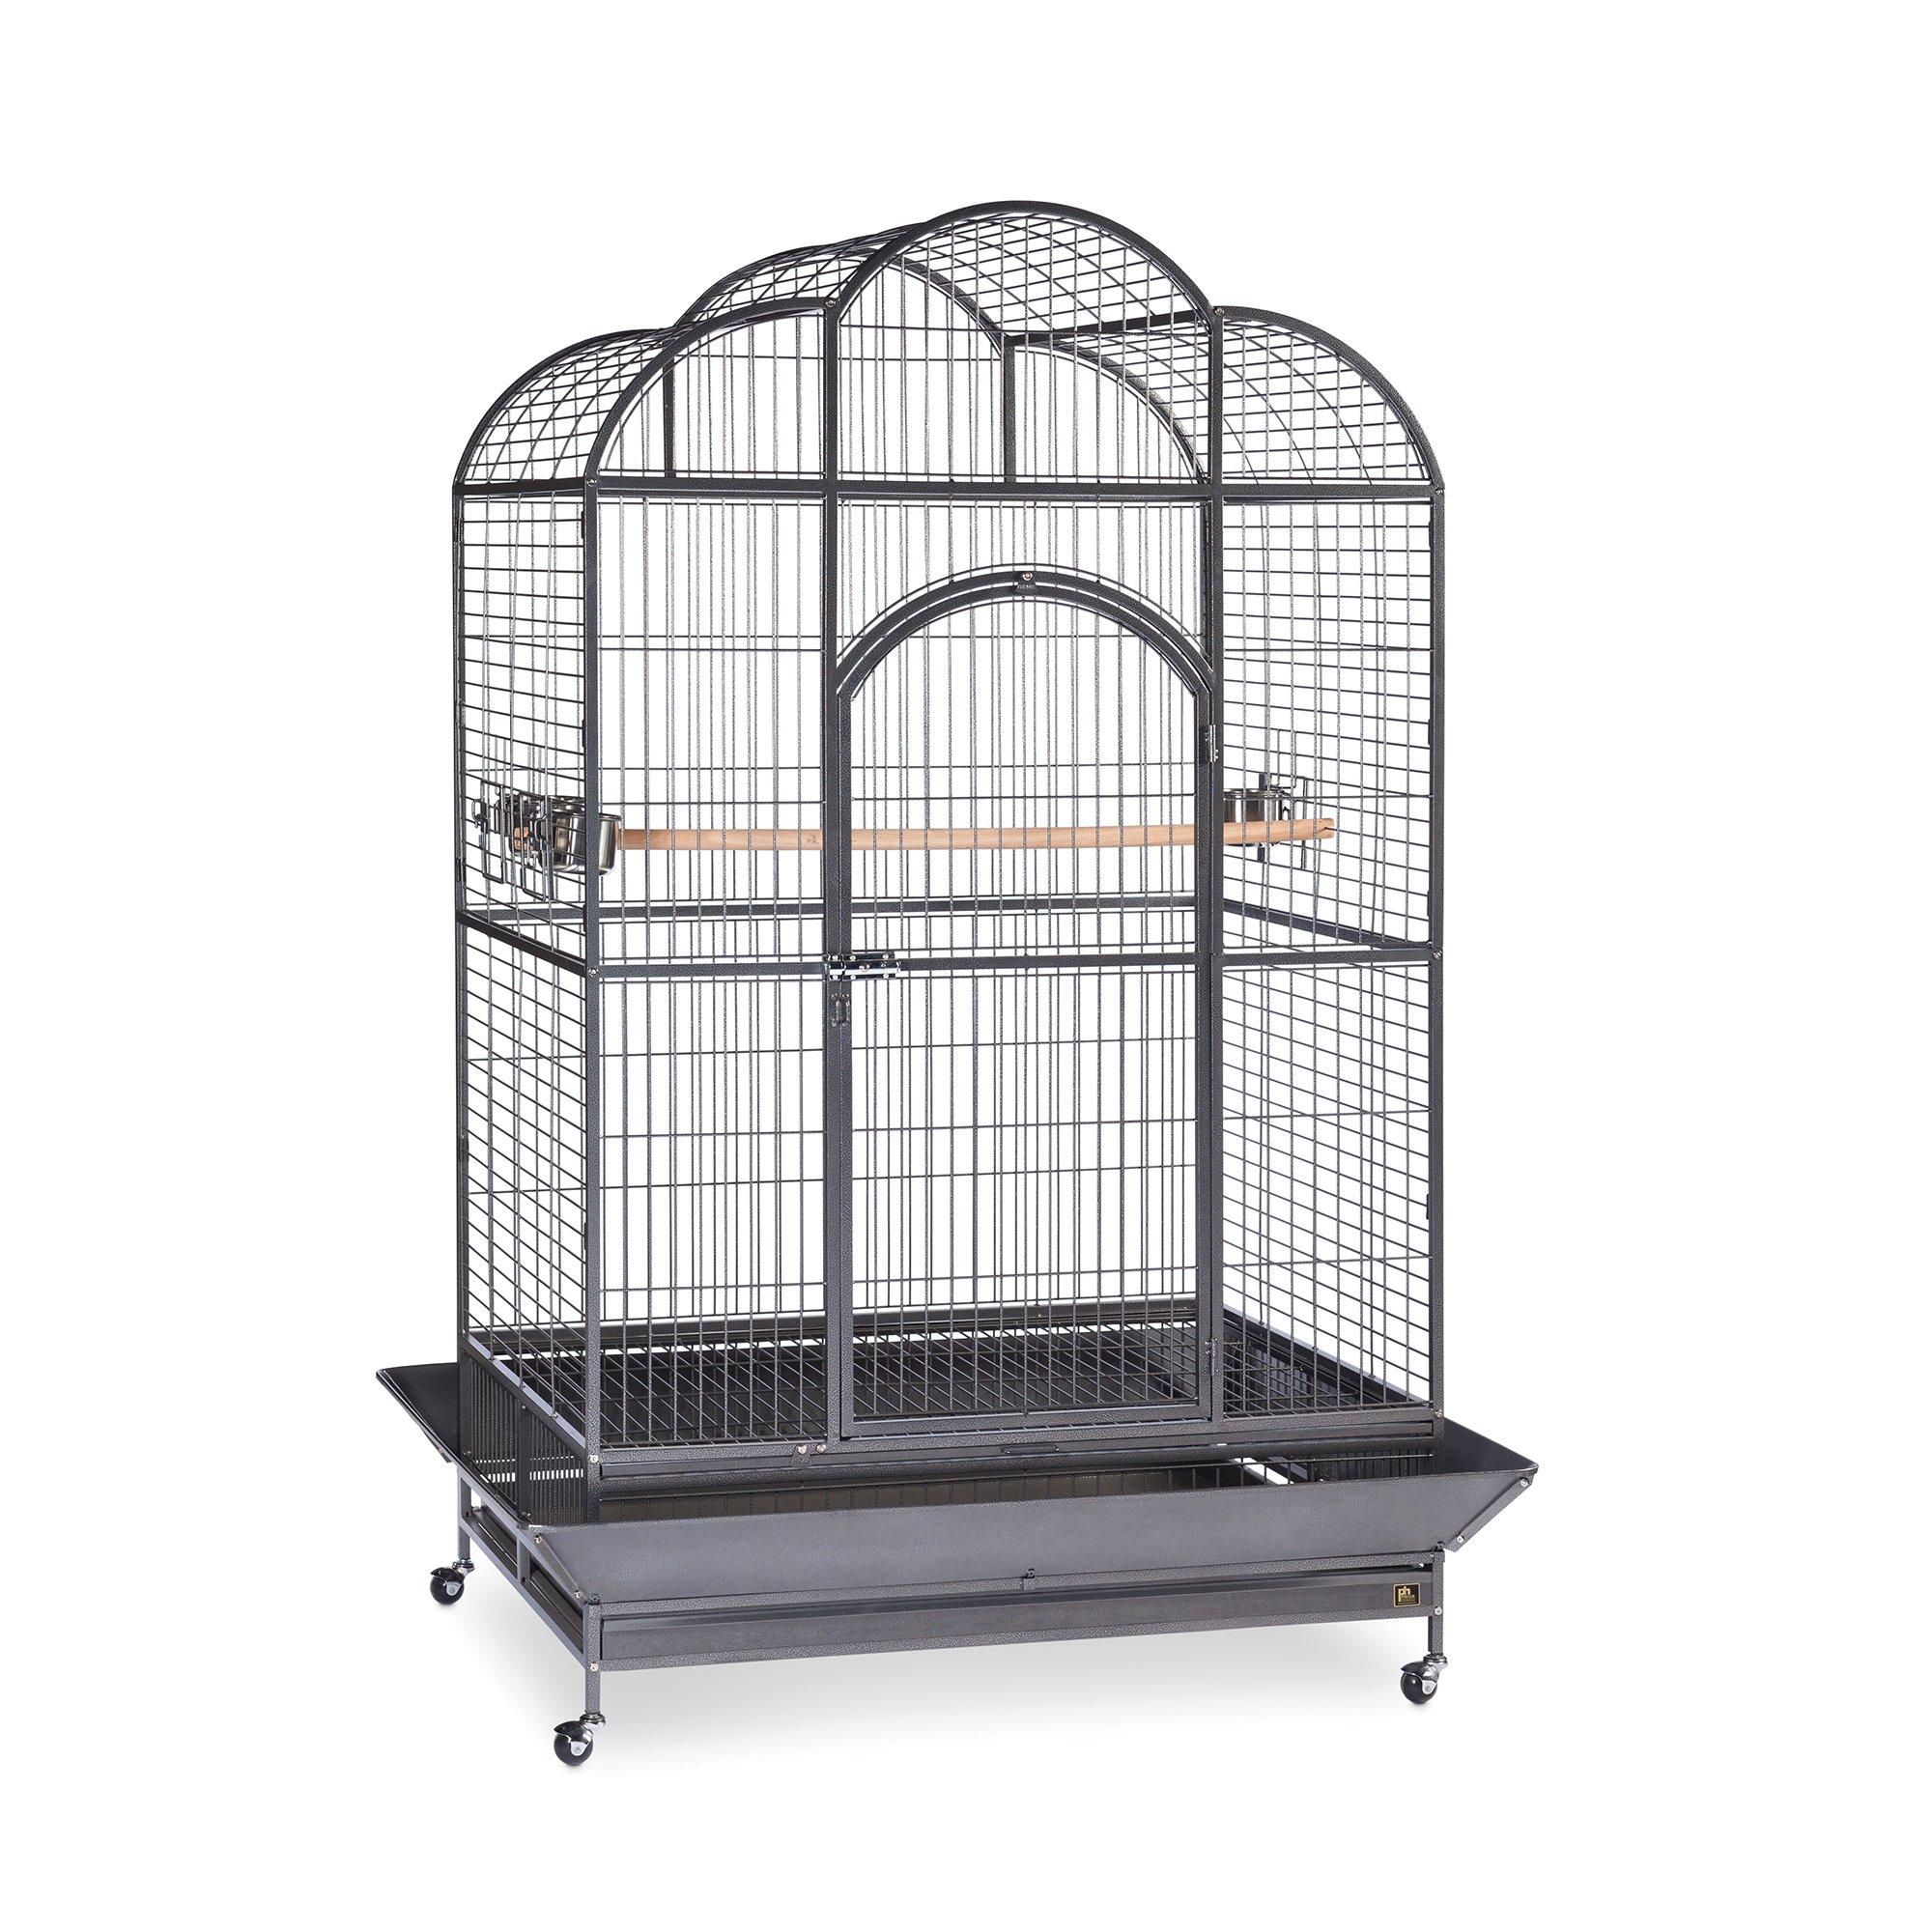 Prevue Hendryx Signature Series Wrought Iron Silverado Macaw Dometop Bird Cage in Silver